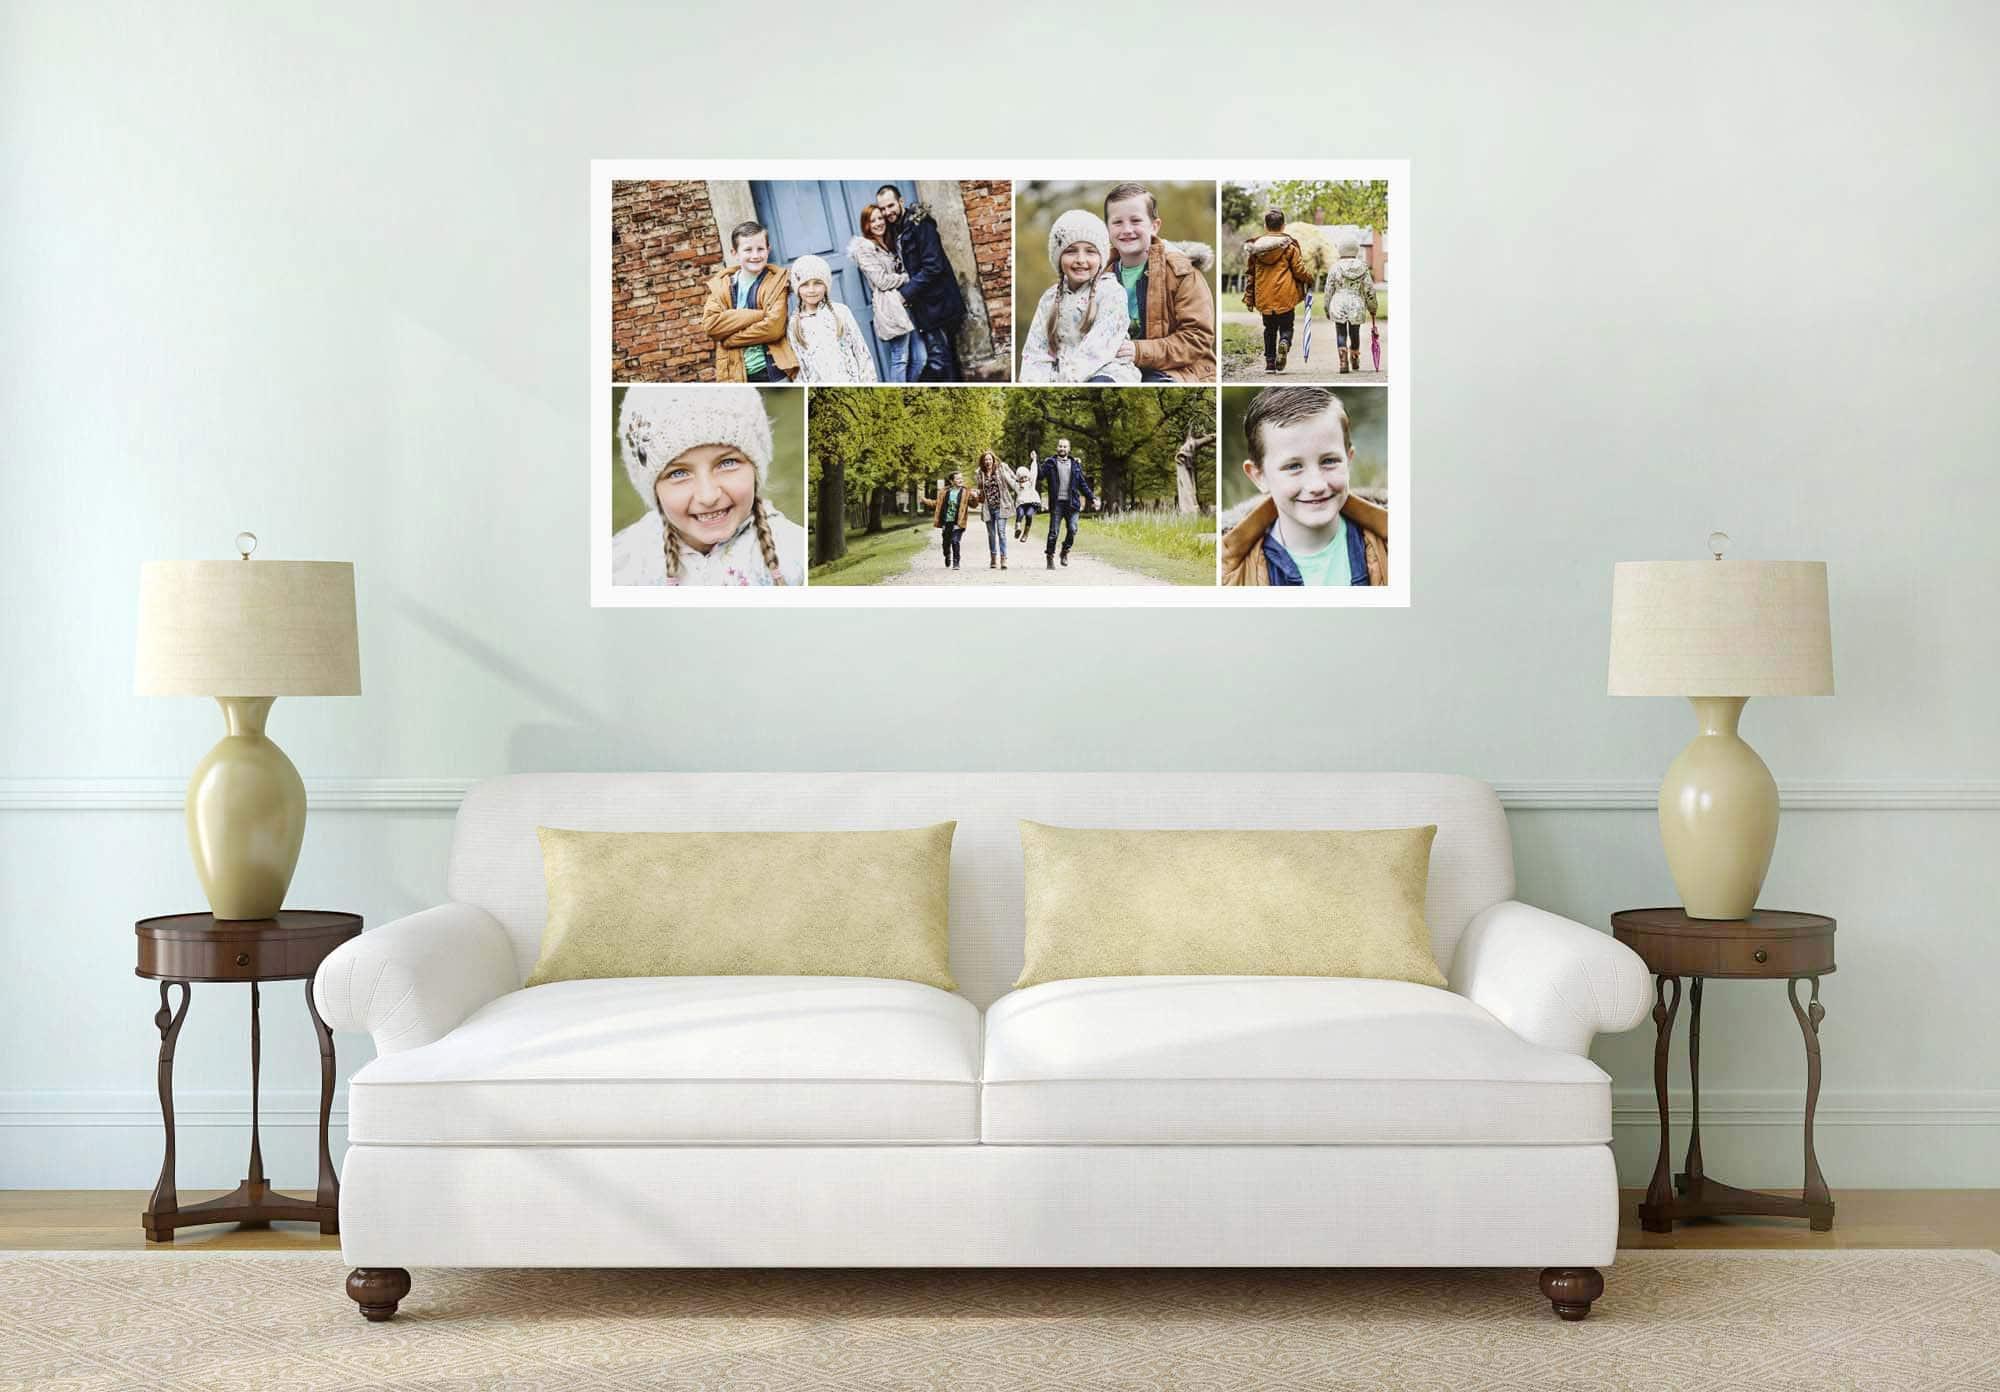 Portrait-Photographer-Manchester-Wall-Art